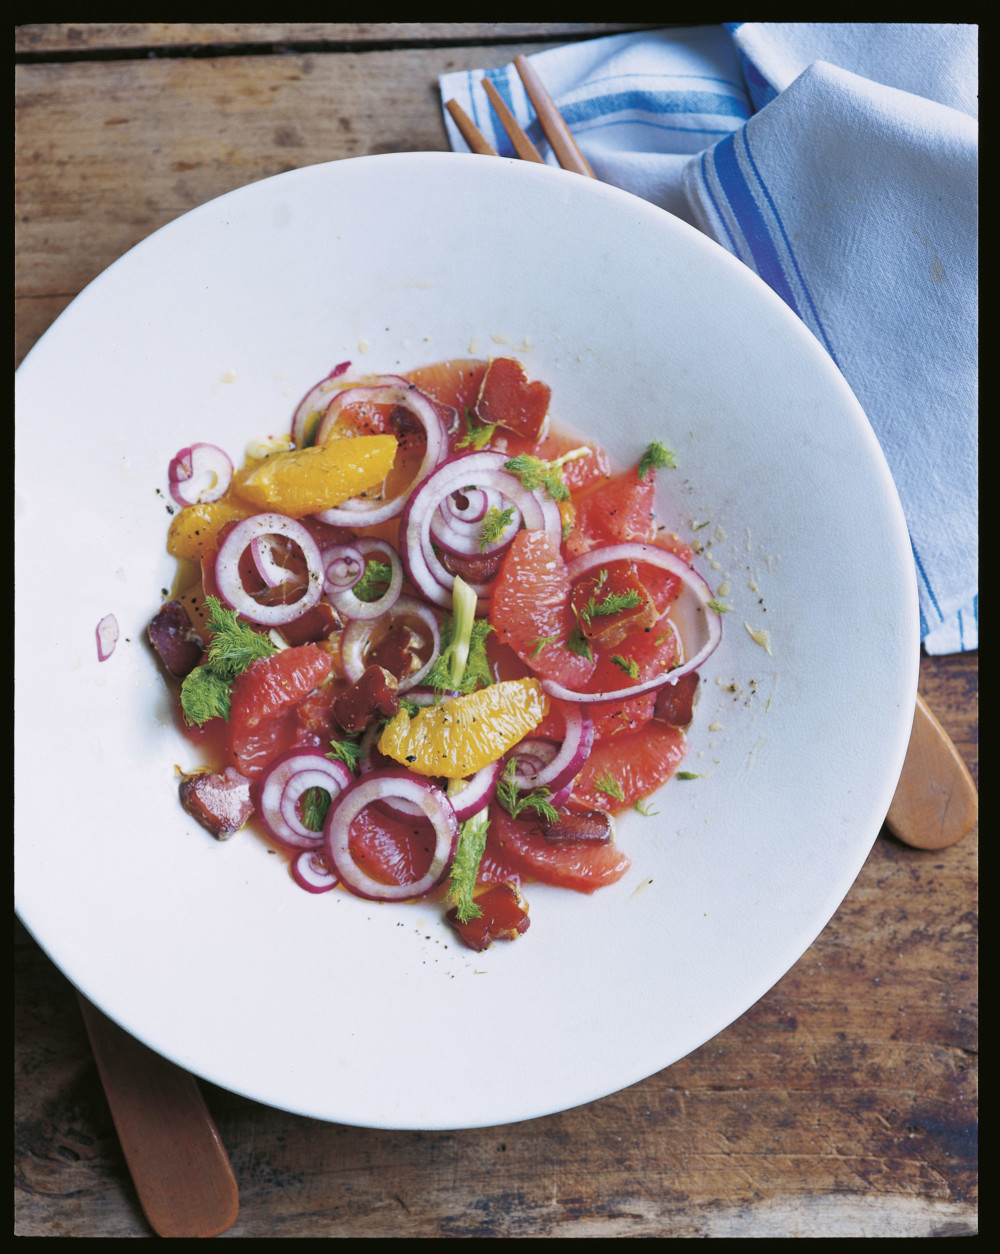 Salade van bottarga en citrusvruchten - Antonio Carlucci